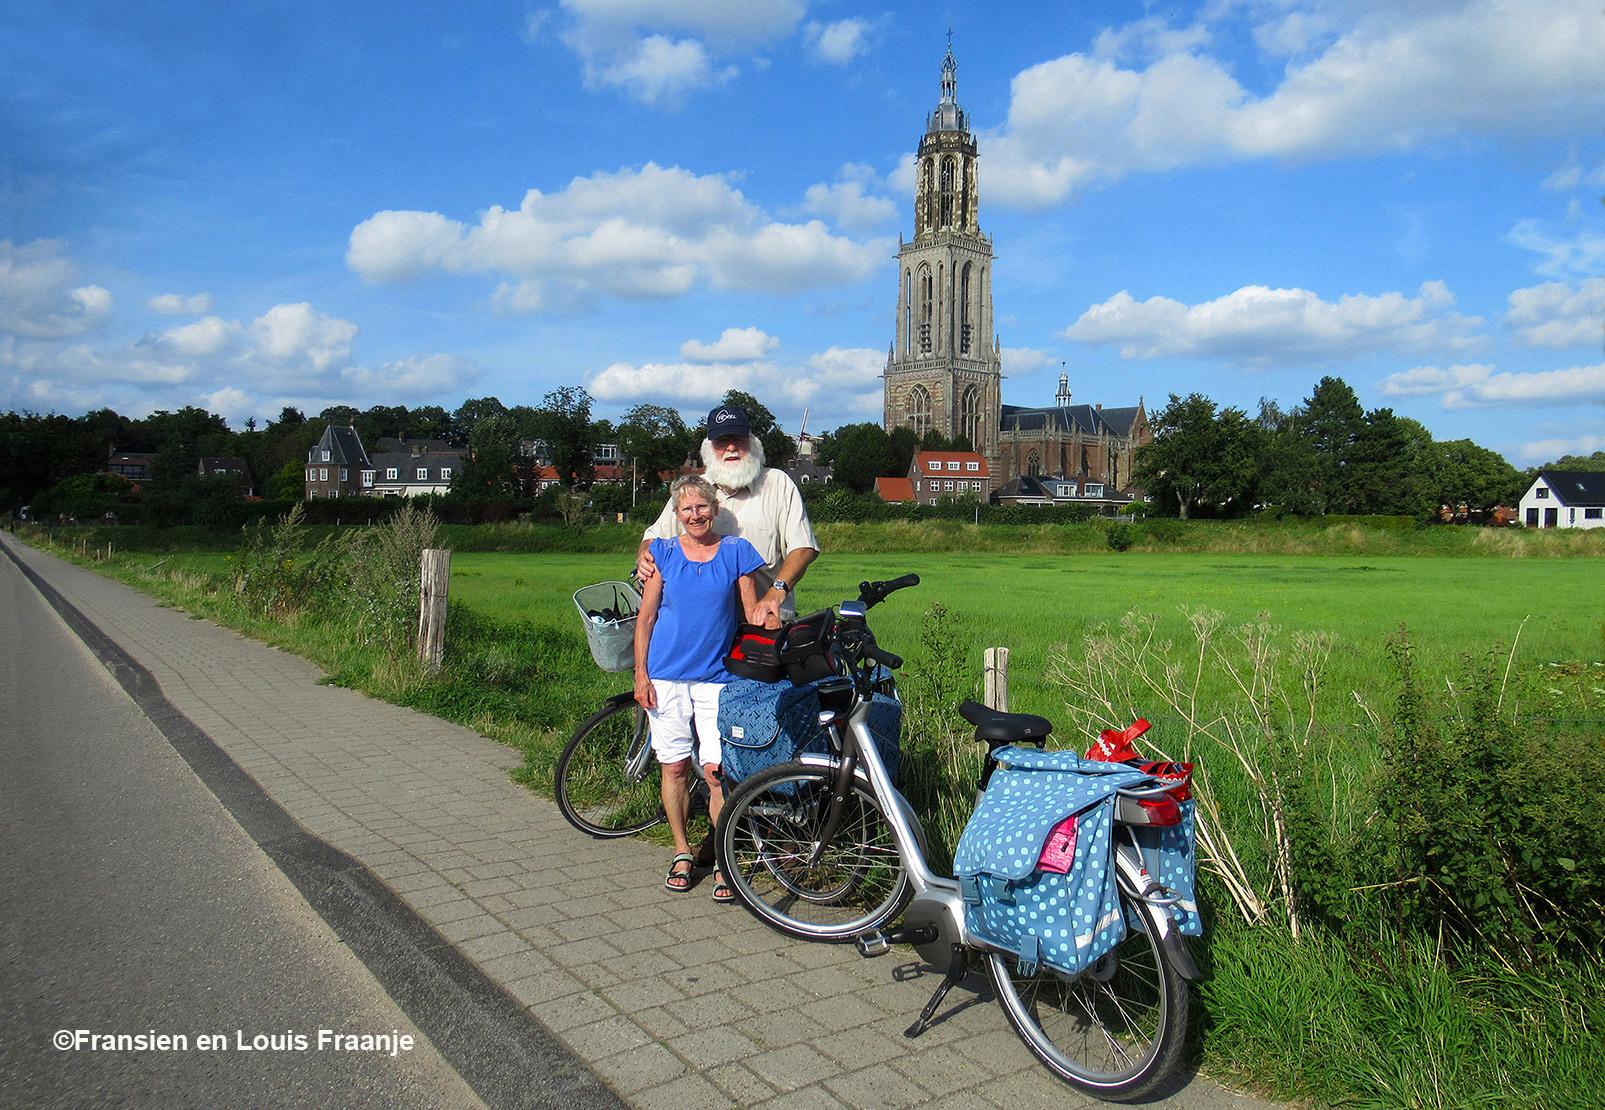 Samen op de foto, met op de achtergrond de prachtige Cuneratoren- en kerk - Eigen foto: ©Fransien en Louis Fraanje